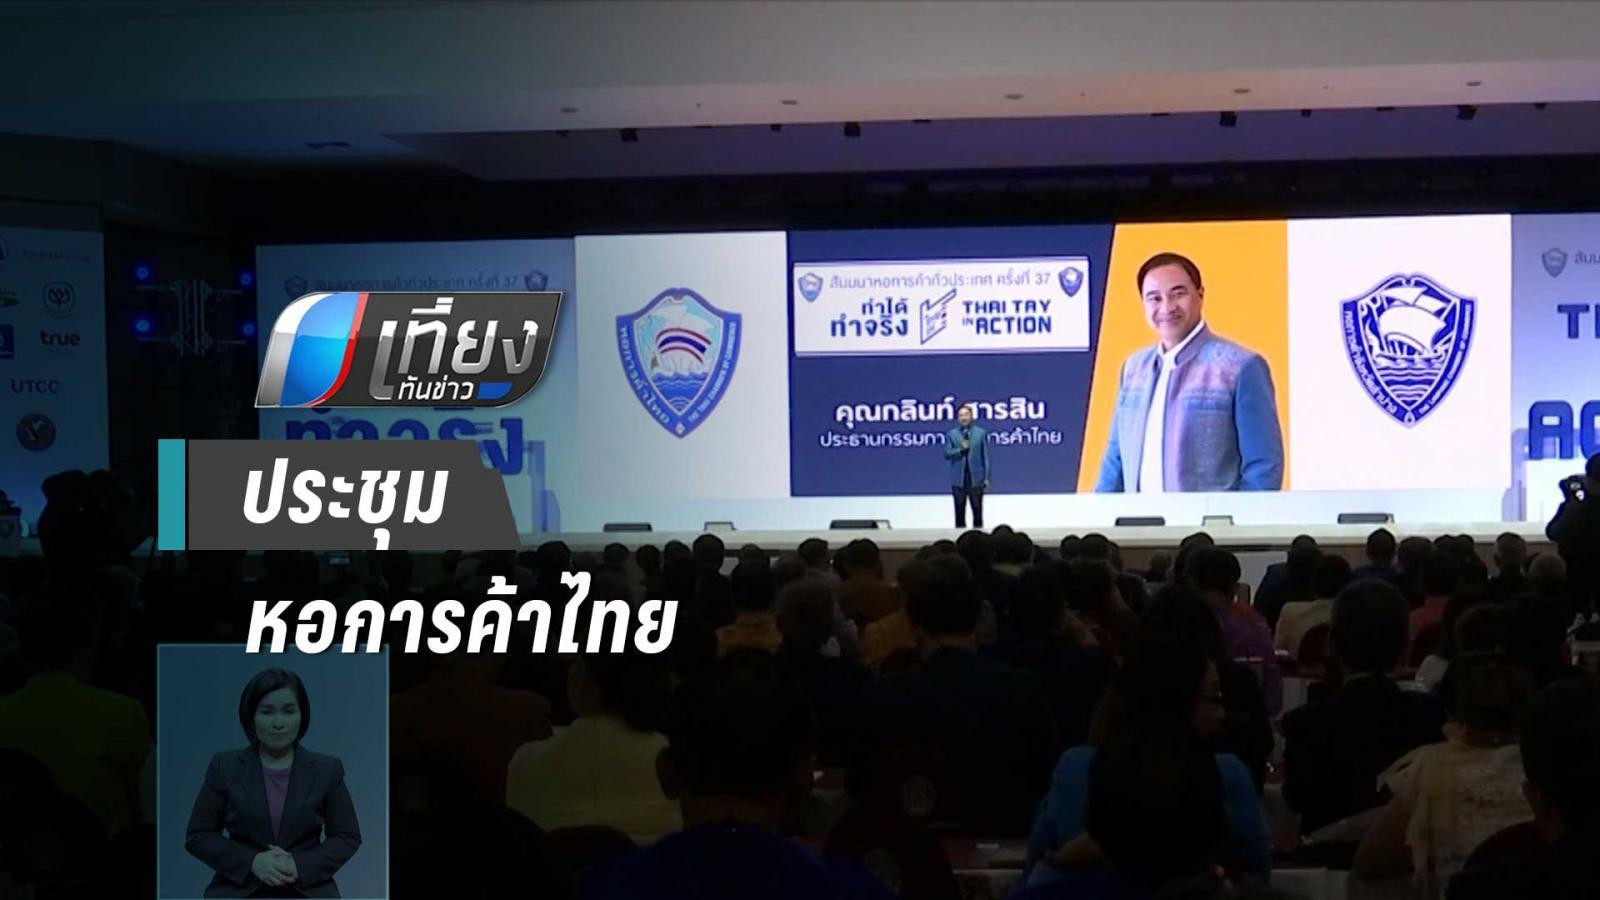 หอการค้าไทย ระดมสมองแก้ปัญหาเศรษฐกิจ